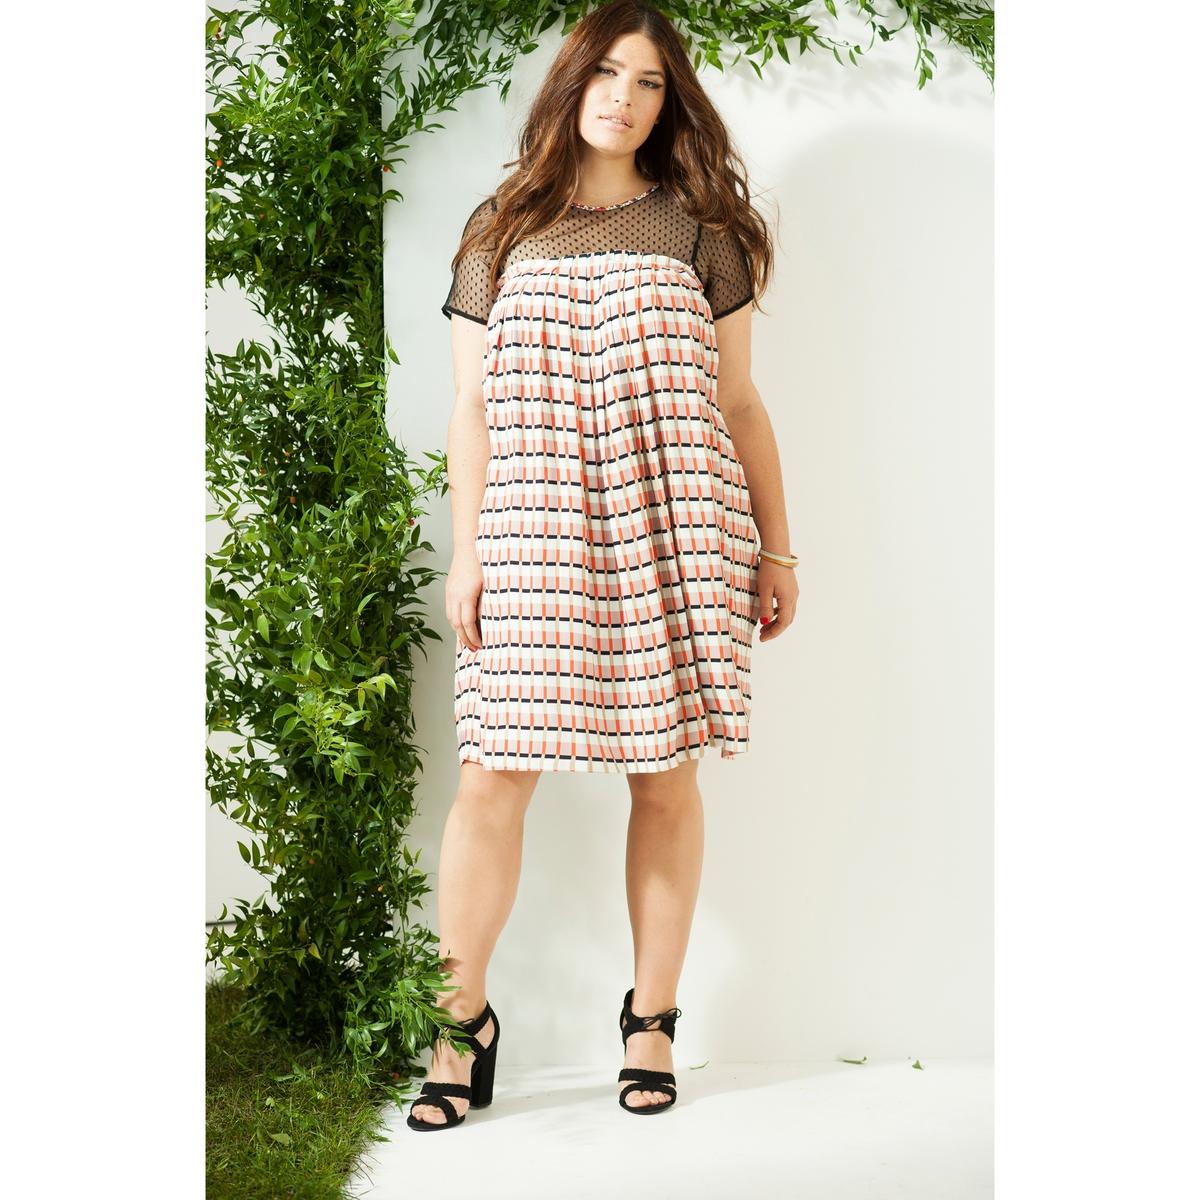 Платье расклешенноеРасклешенно платье в стиле бейби-долл. Коротки рукава и верхняя часть платья из сетчатого материала, складки на груди. Креп, 100% вискза. Длина 102 см.<br><br>Цвет: графичный рисунок<br>Размер: 46 (FR) - 52 (RUS).50 (FR) - 56 (RUS)